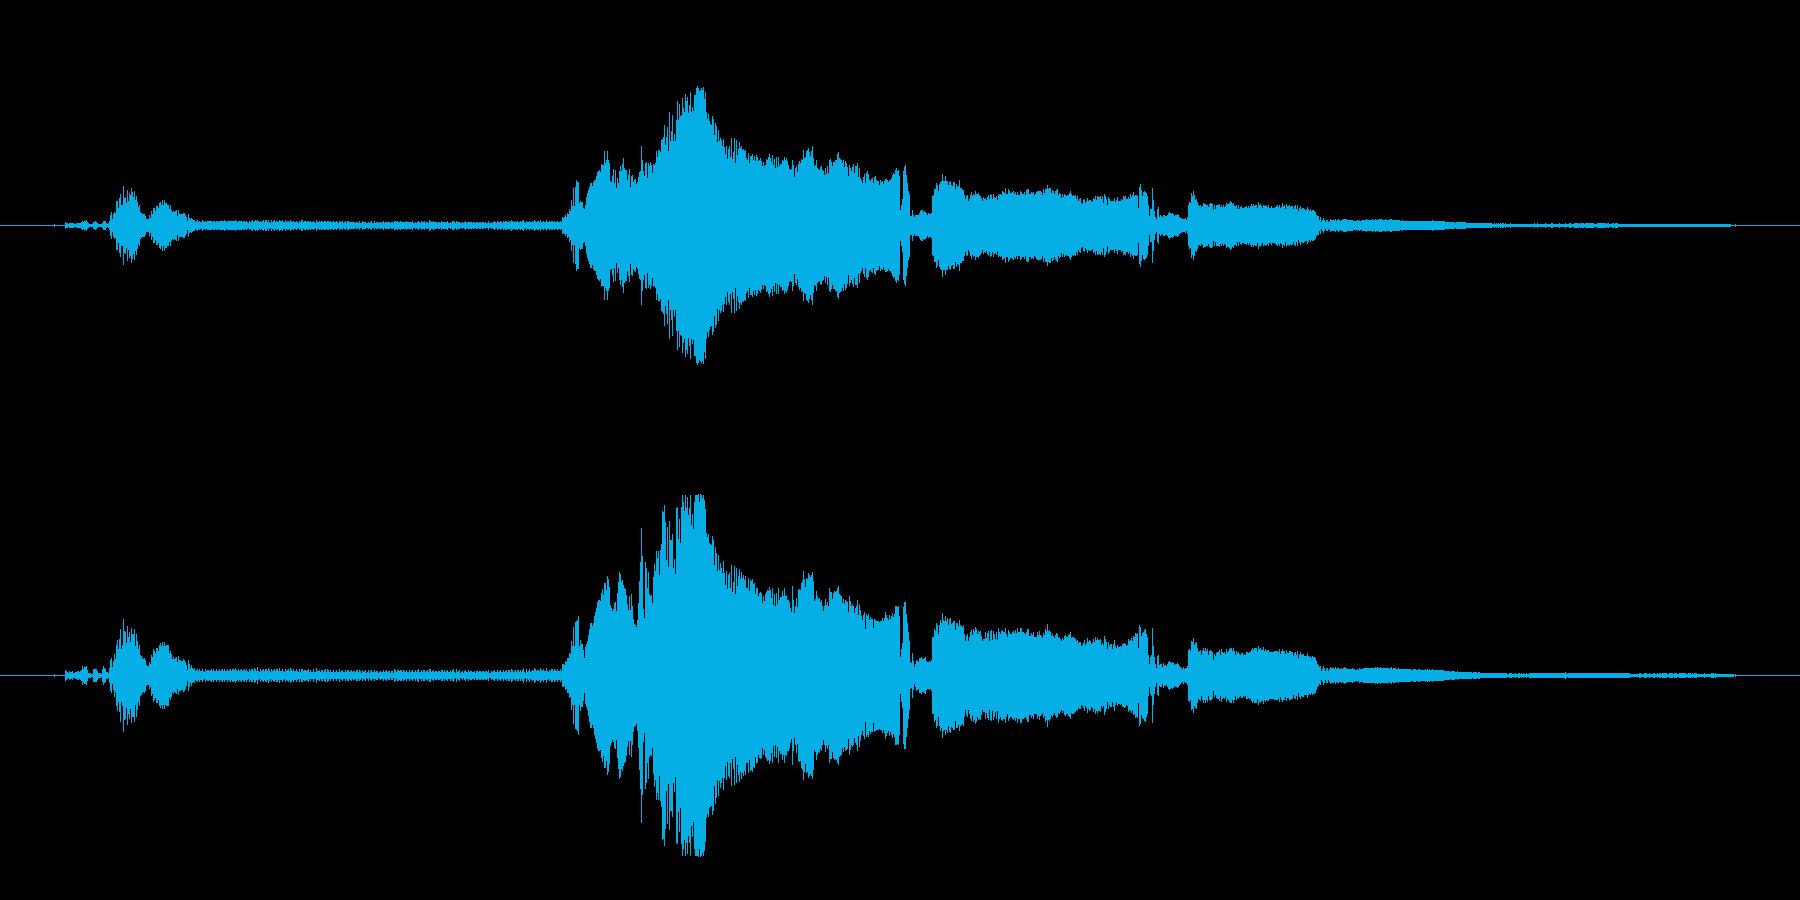 シビック-スタート、ショートアイド...の再生済みの波形